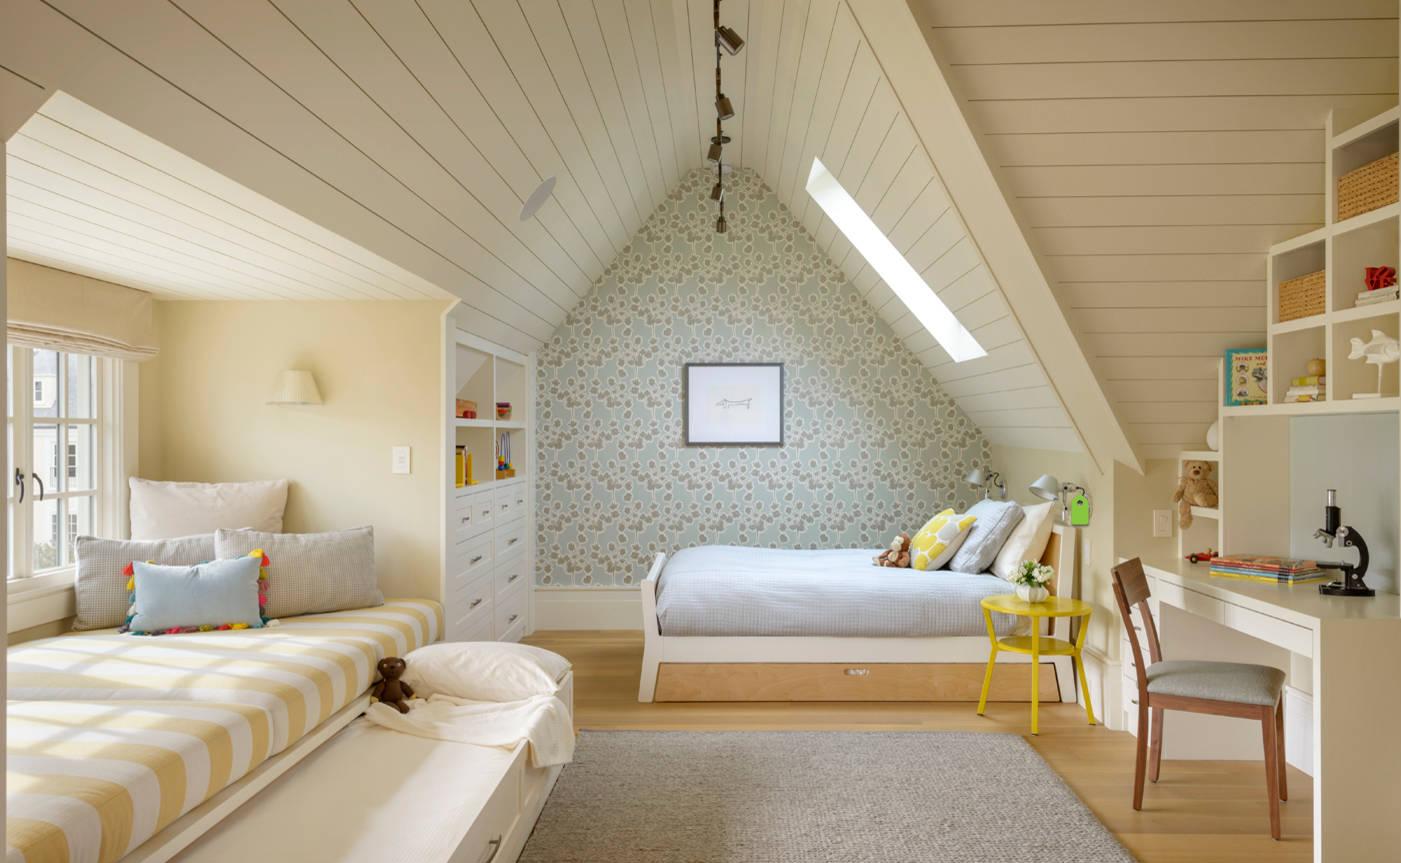 Arredare mansarda camera da letto excellent camera da letto effetto legno interior design idee - Mansarda camera da letto ...